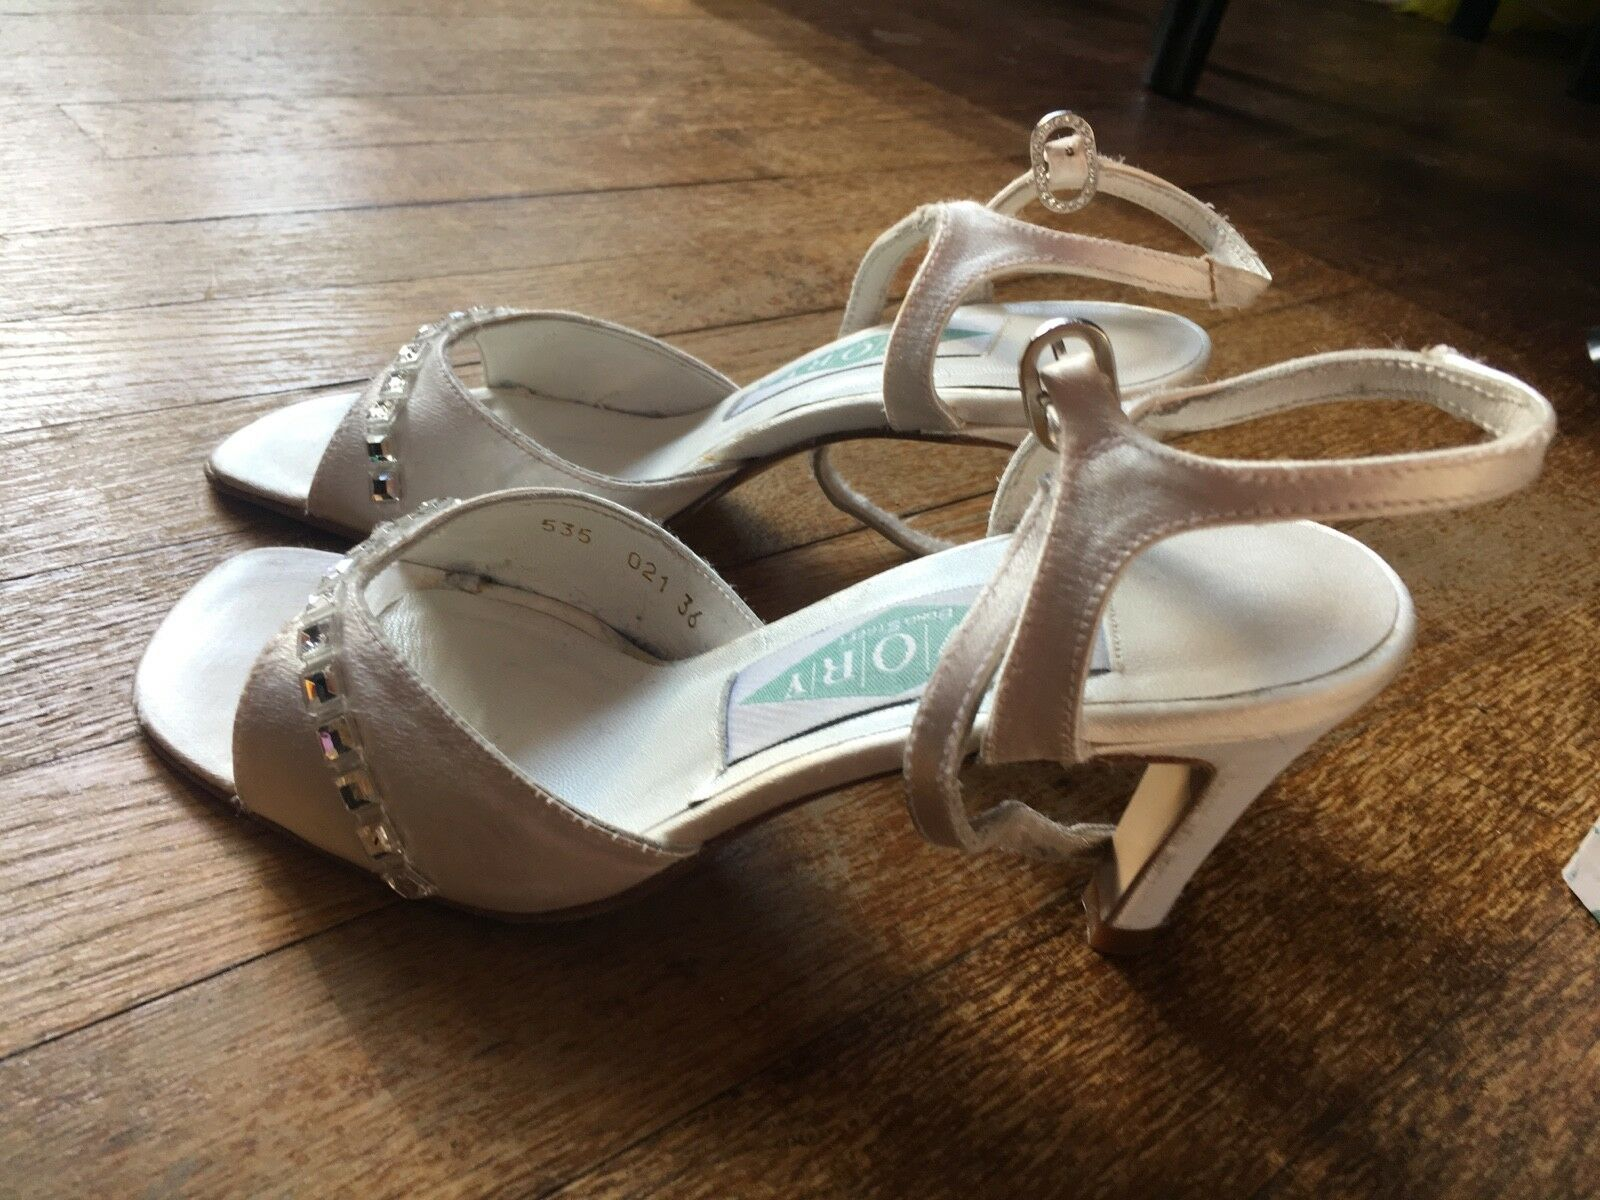 damen LADIES WEDDING BRIDAL MID HIGH HEEL STRAPPY STRAPPY STRAPPY SANDALS Größe EU 36 UK 3 4d9959